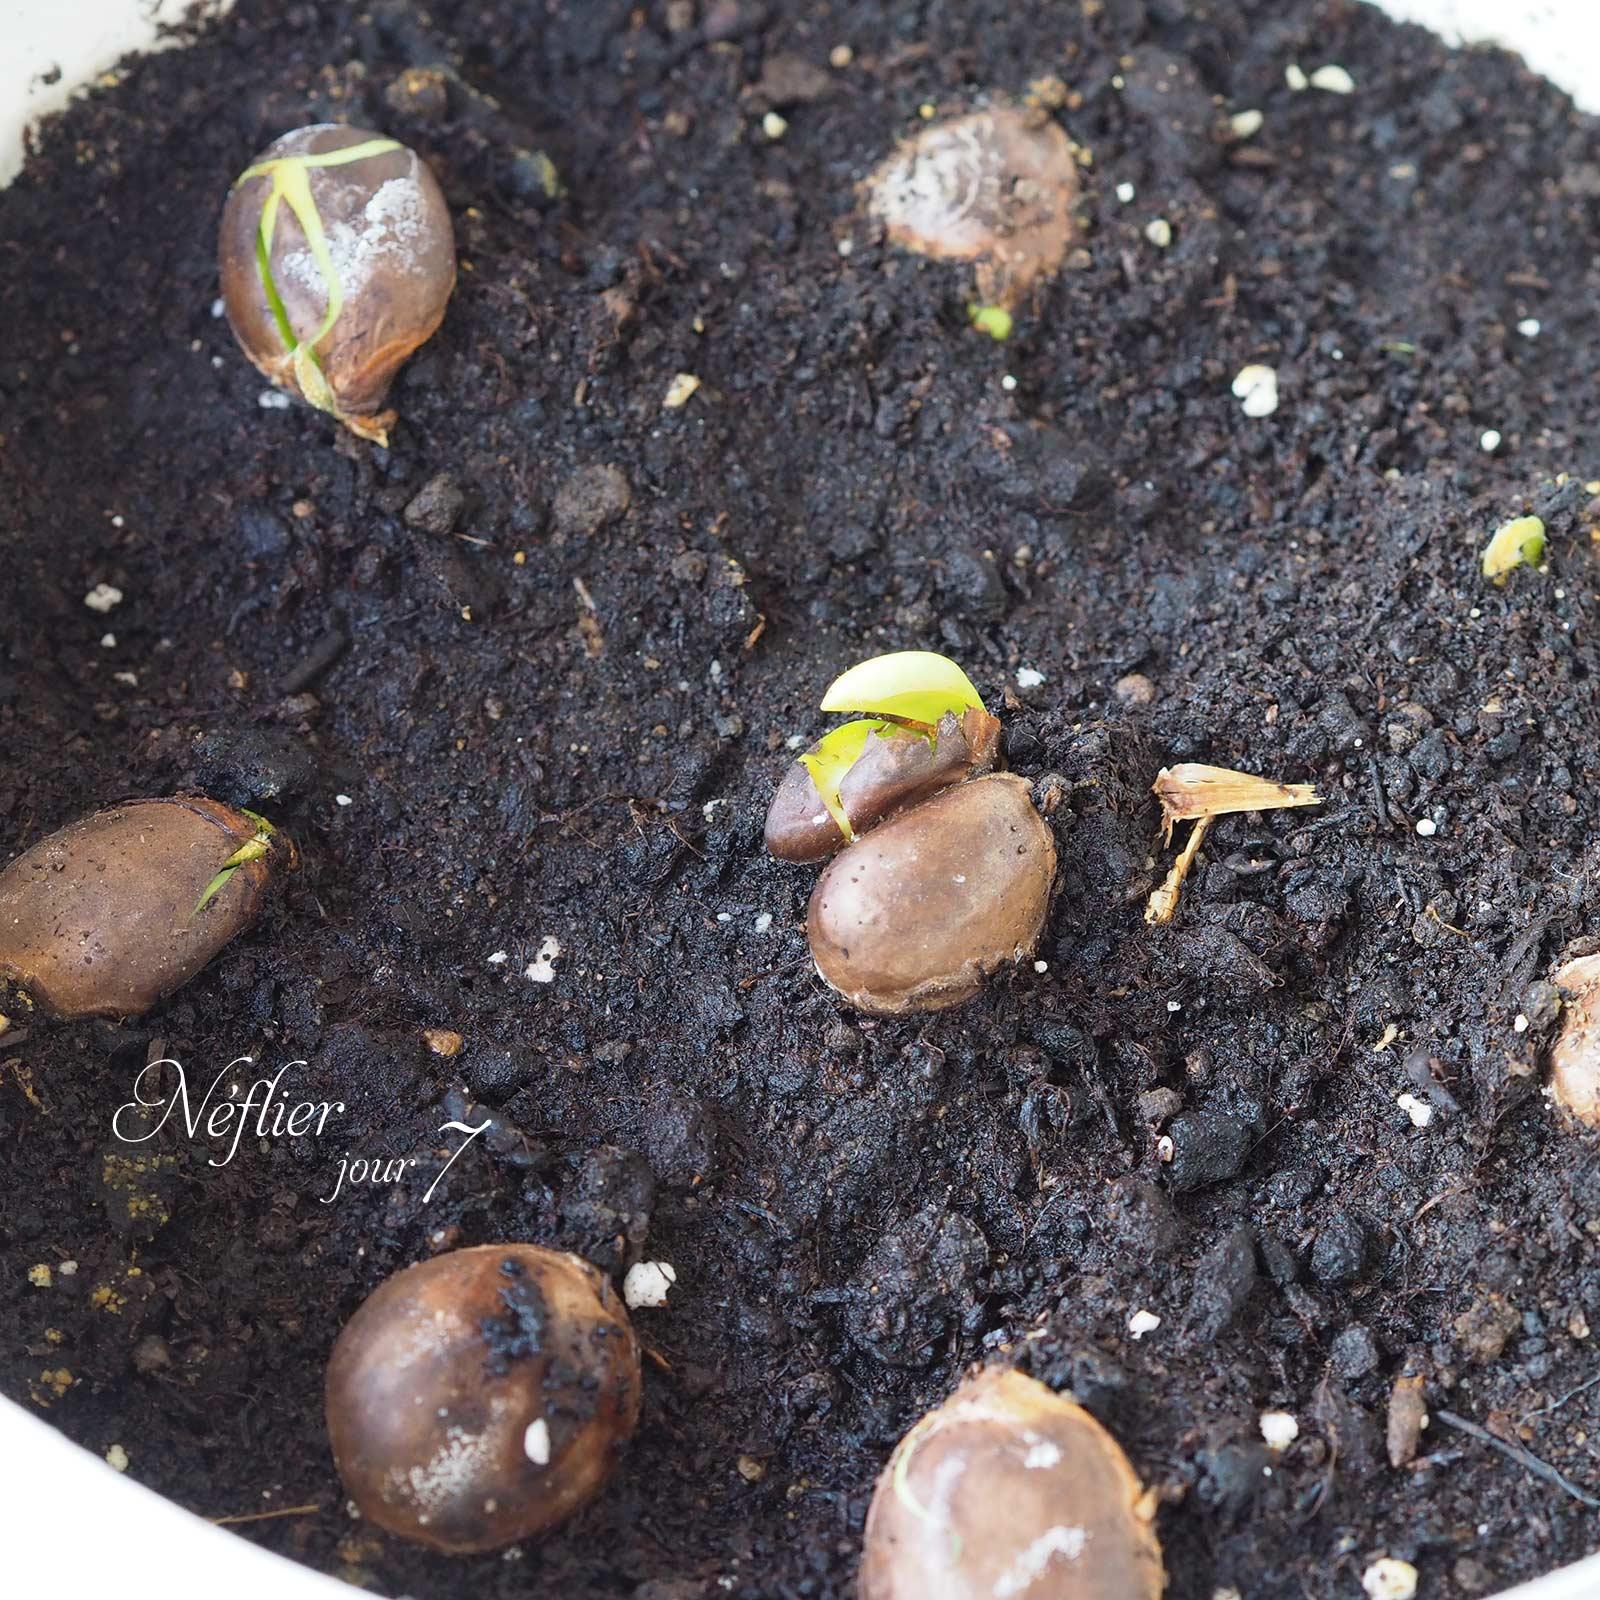 évolution graines plante néflier jour 7 laboutiquedemelimelo